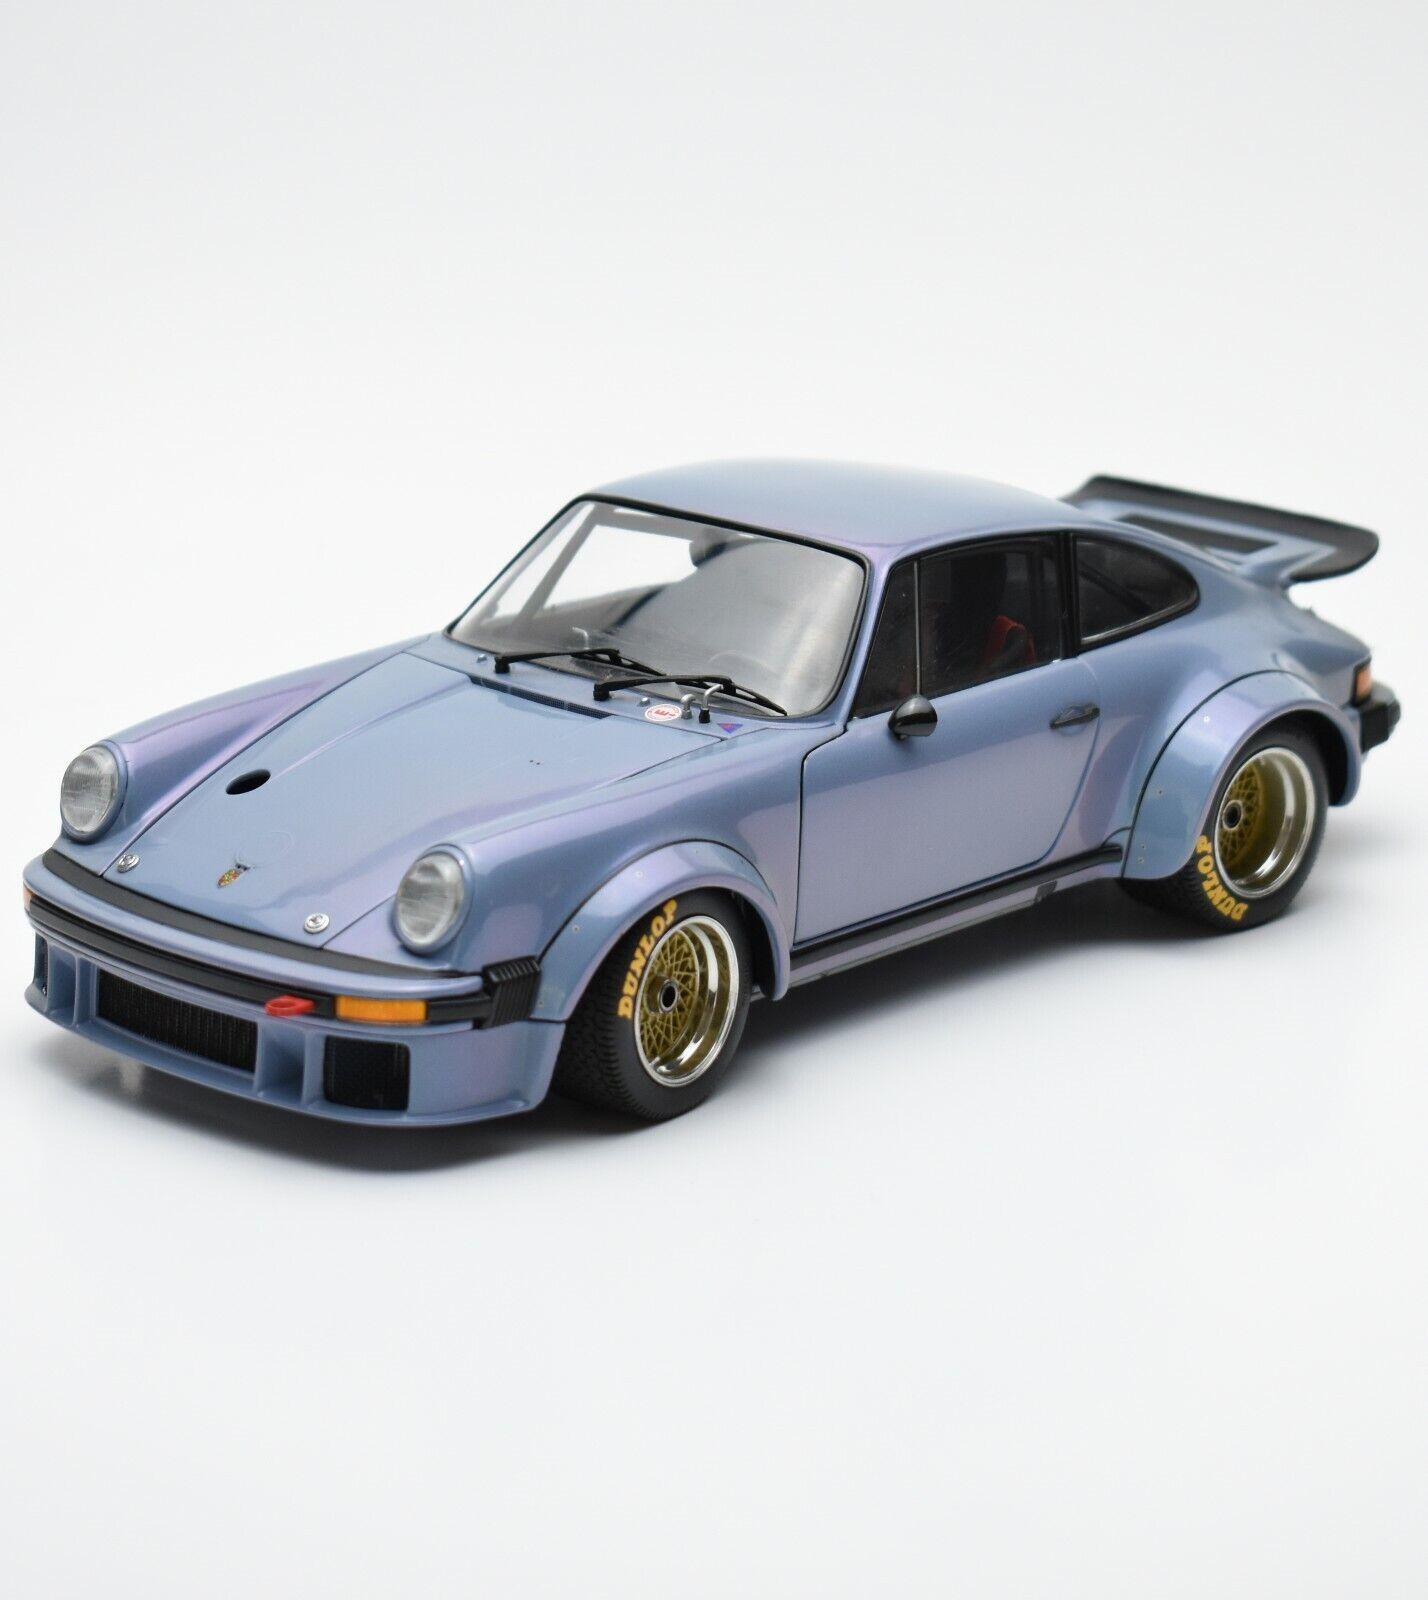 Exoto Porsche 934 935 turbo rsr laguna seca Sky a0484 rara vez , 1 18, embalaje original, k027